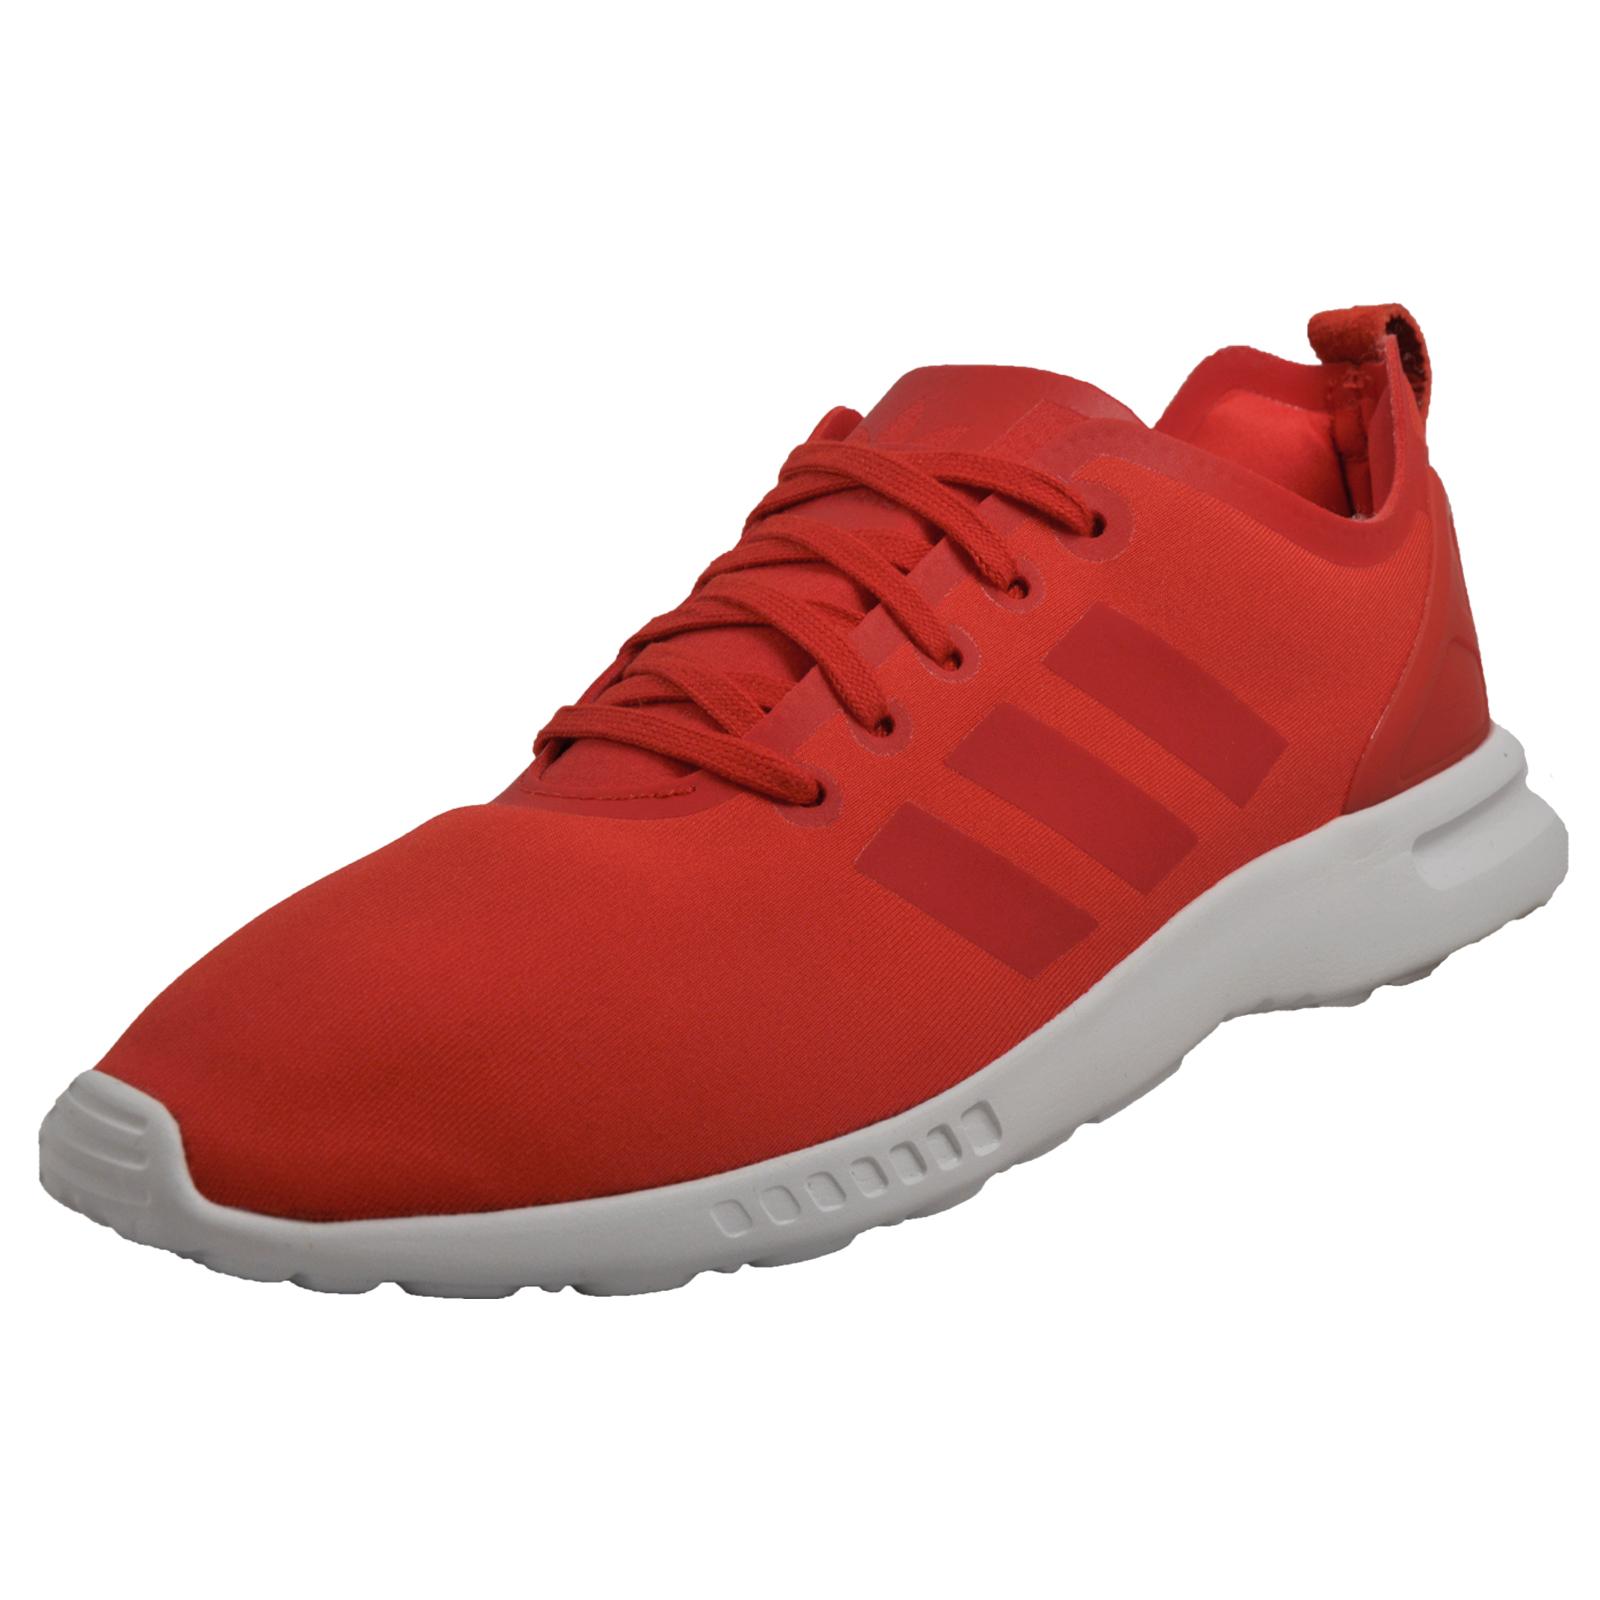 sports shoes 54930 88973 czech adidas originals zx flux all red 45396 0592d